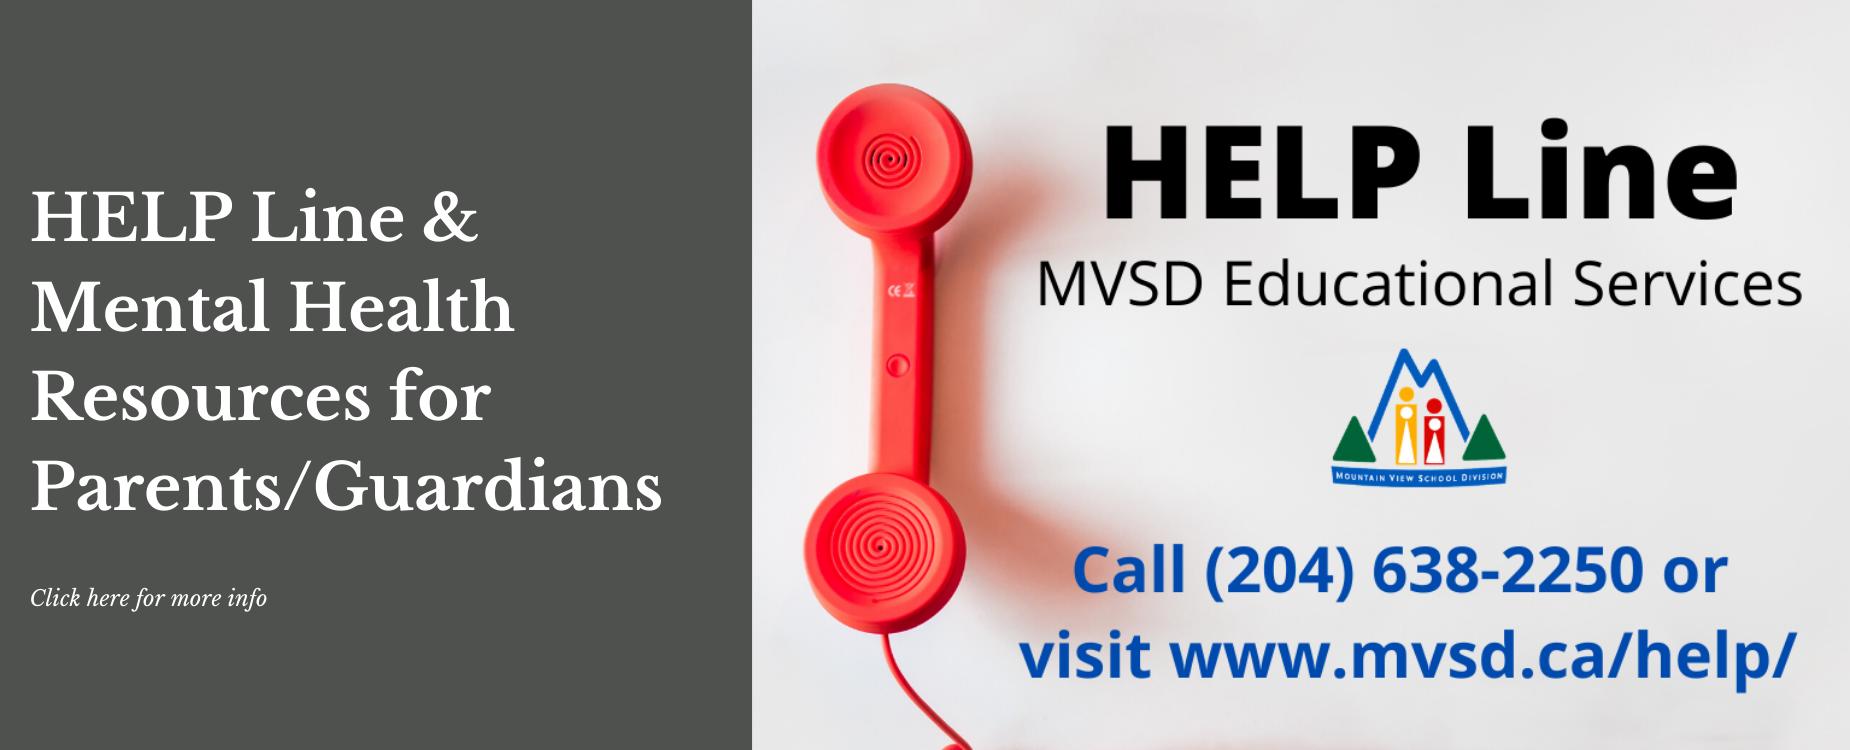 MVSD HELP Line